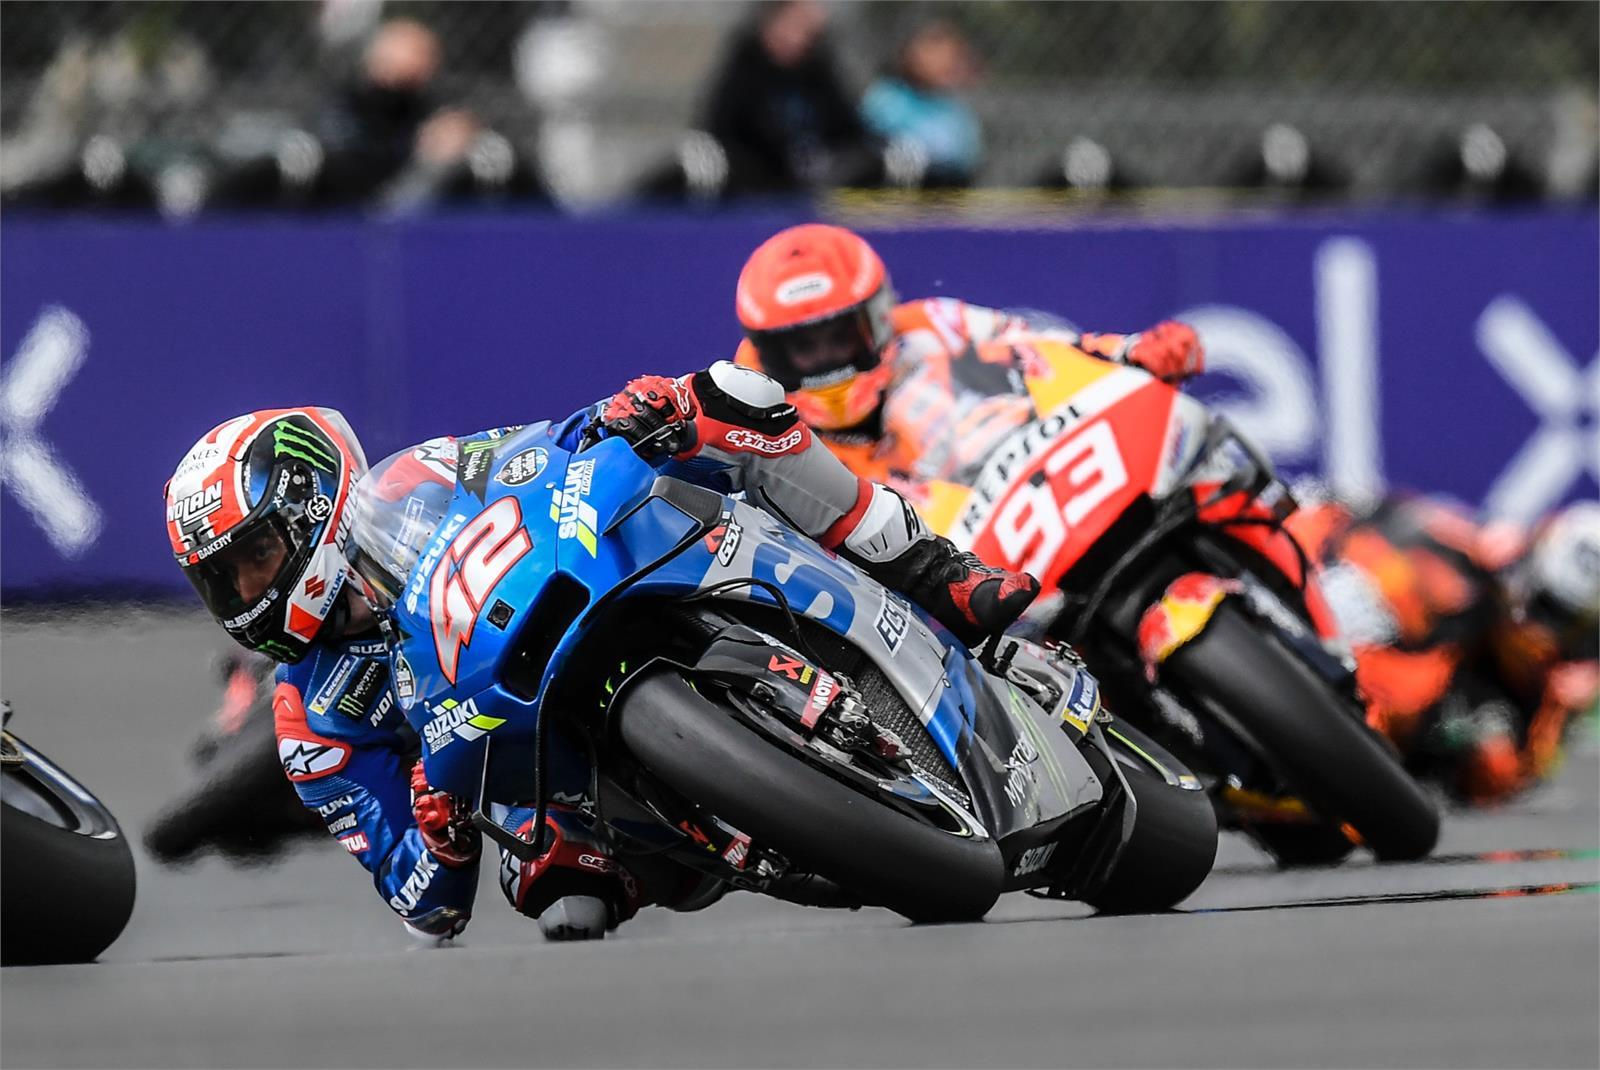 MotoGP2021 フランスGP DNFアレックス・リンス「ムジェロは力強く戦いたい」